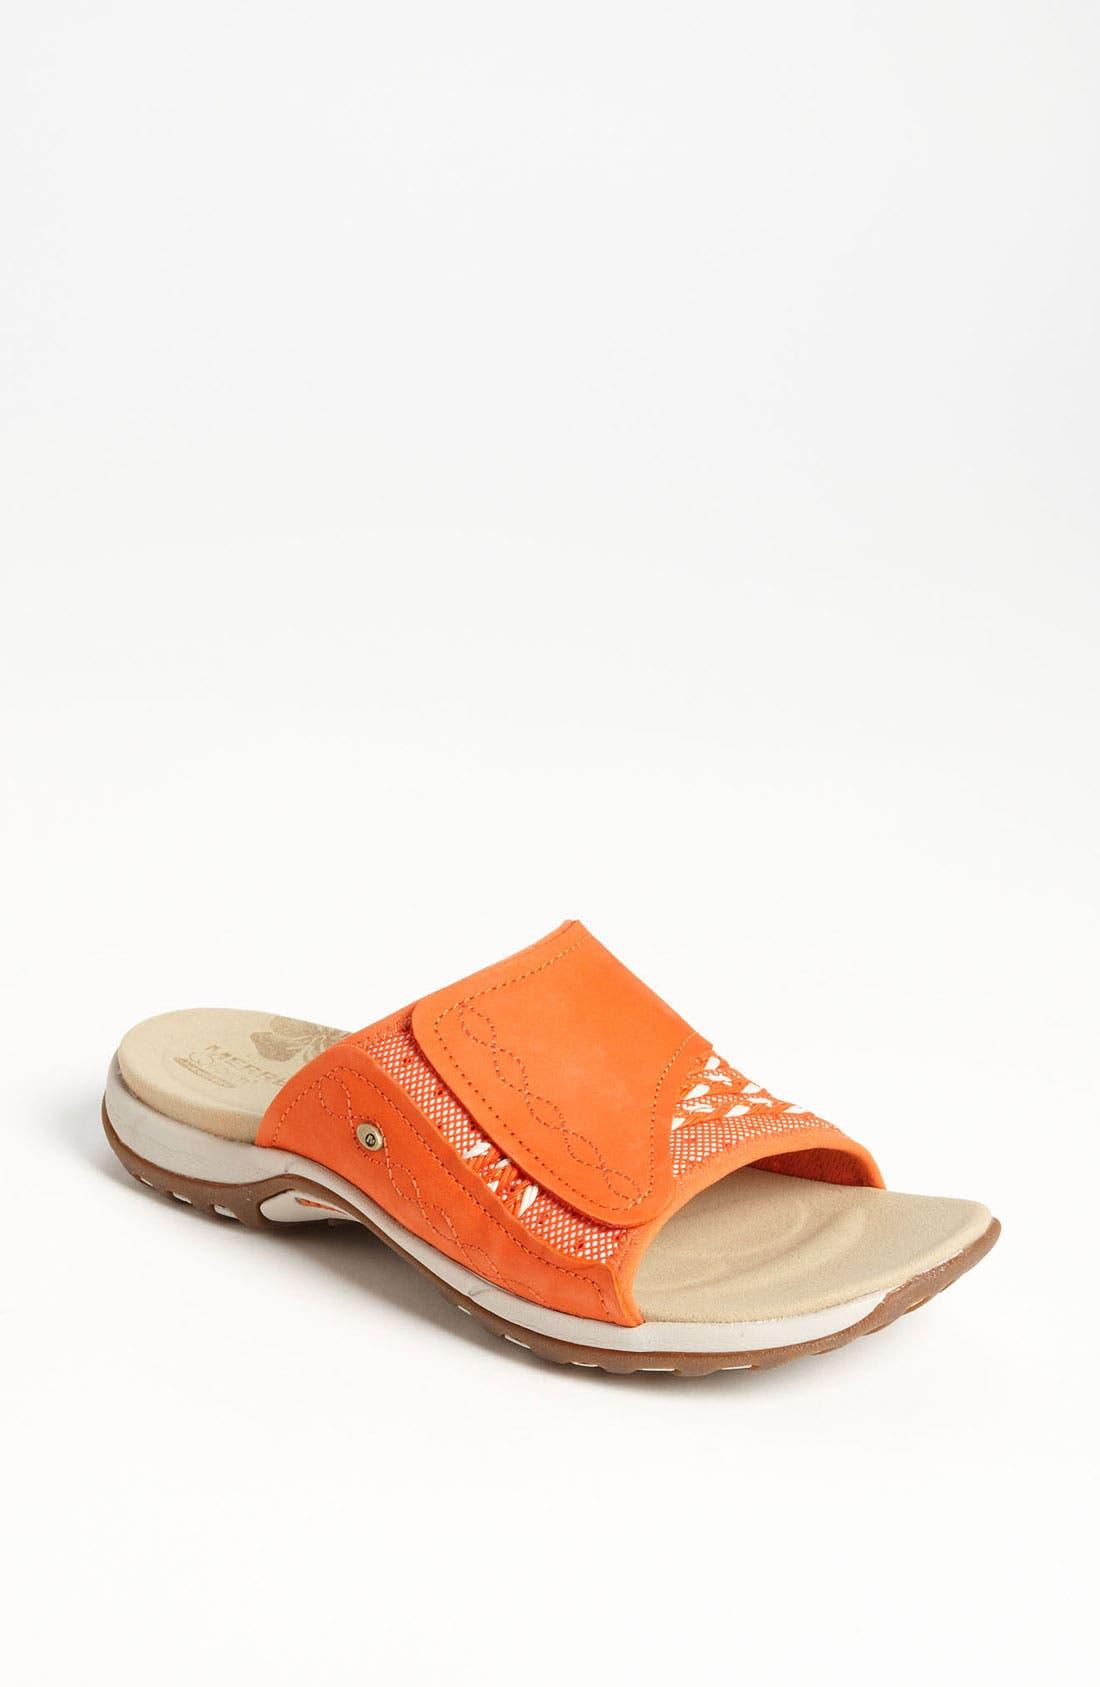 Alternate Image 1 Selected - Merrell 'Lilyfern' Sandal